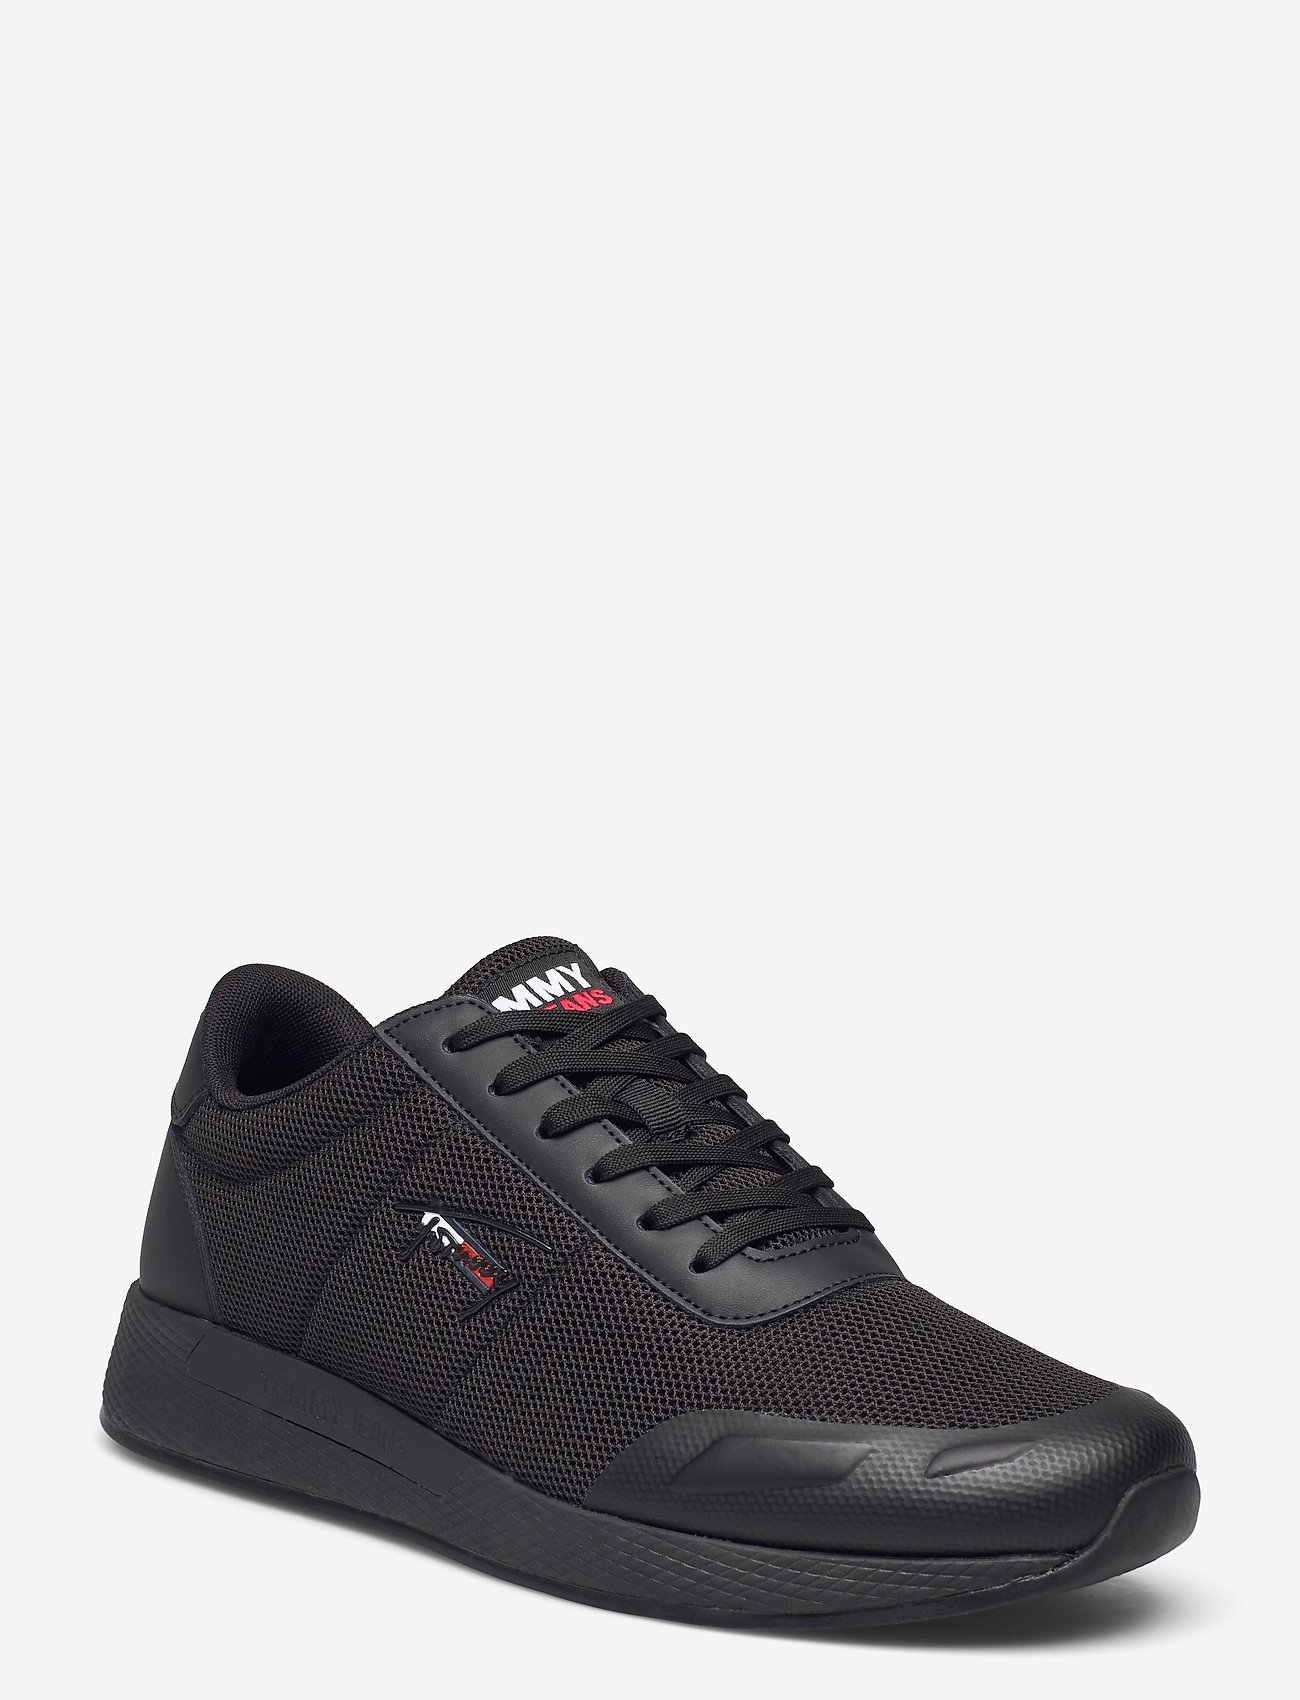 Tommy Hilfiger - FLEXI MESH TJM RUNNER - laag sneakers - black - 0